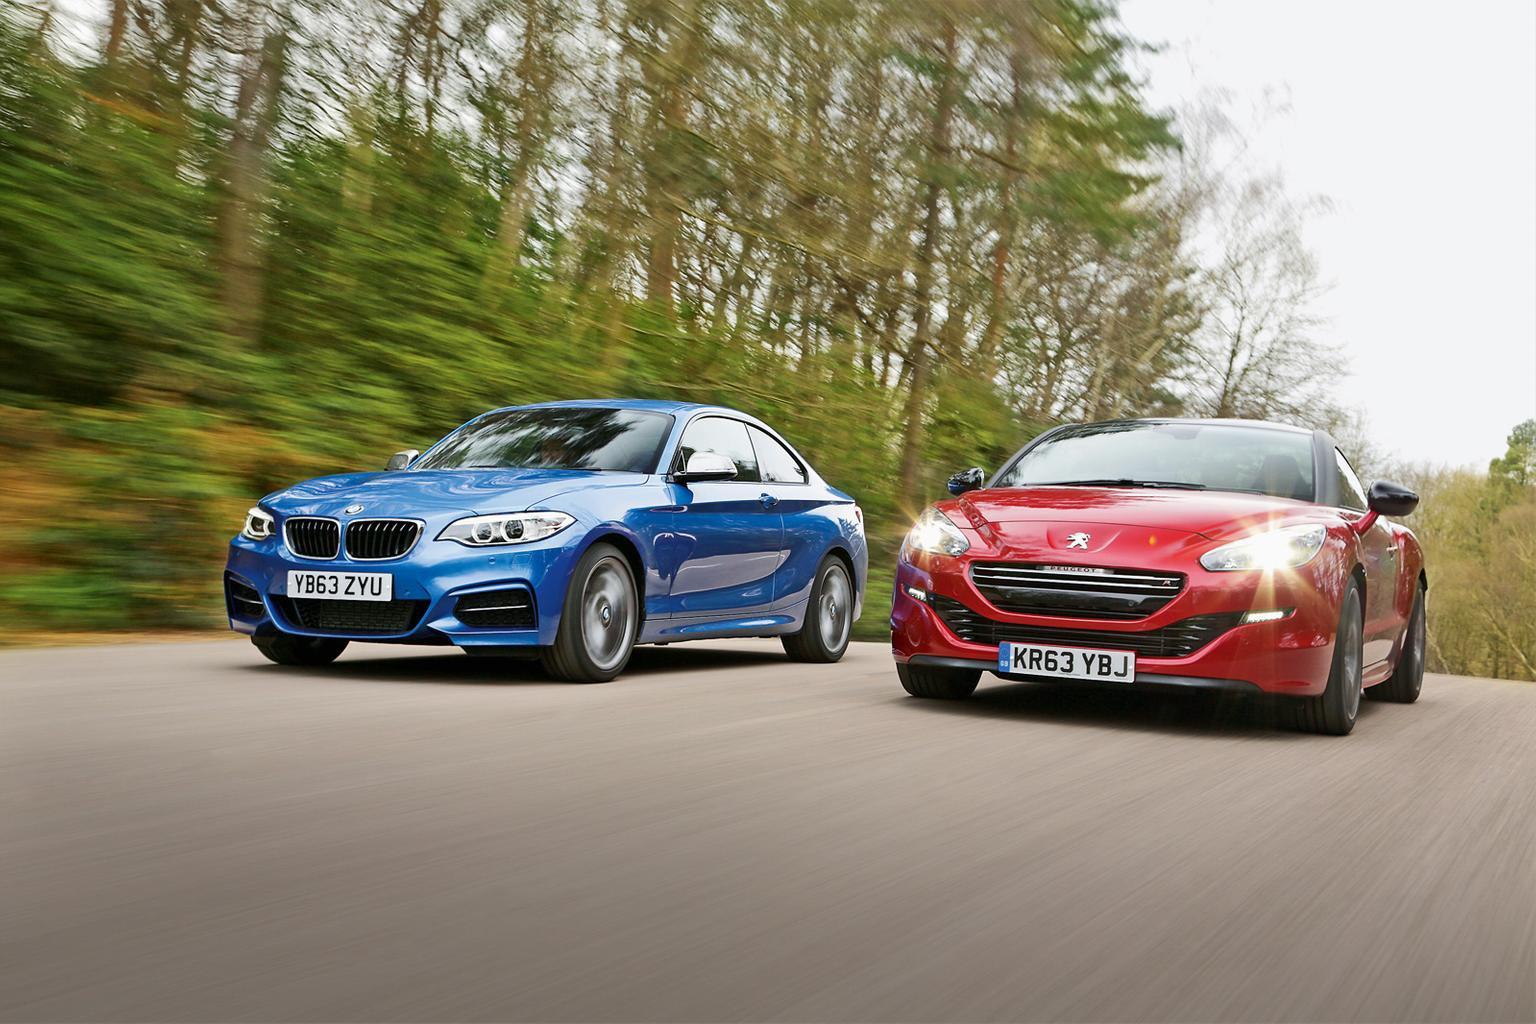 BMW M235i vs Peugeot RCZ R